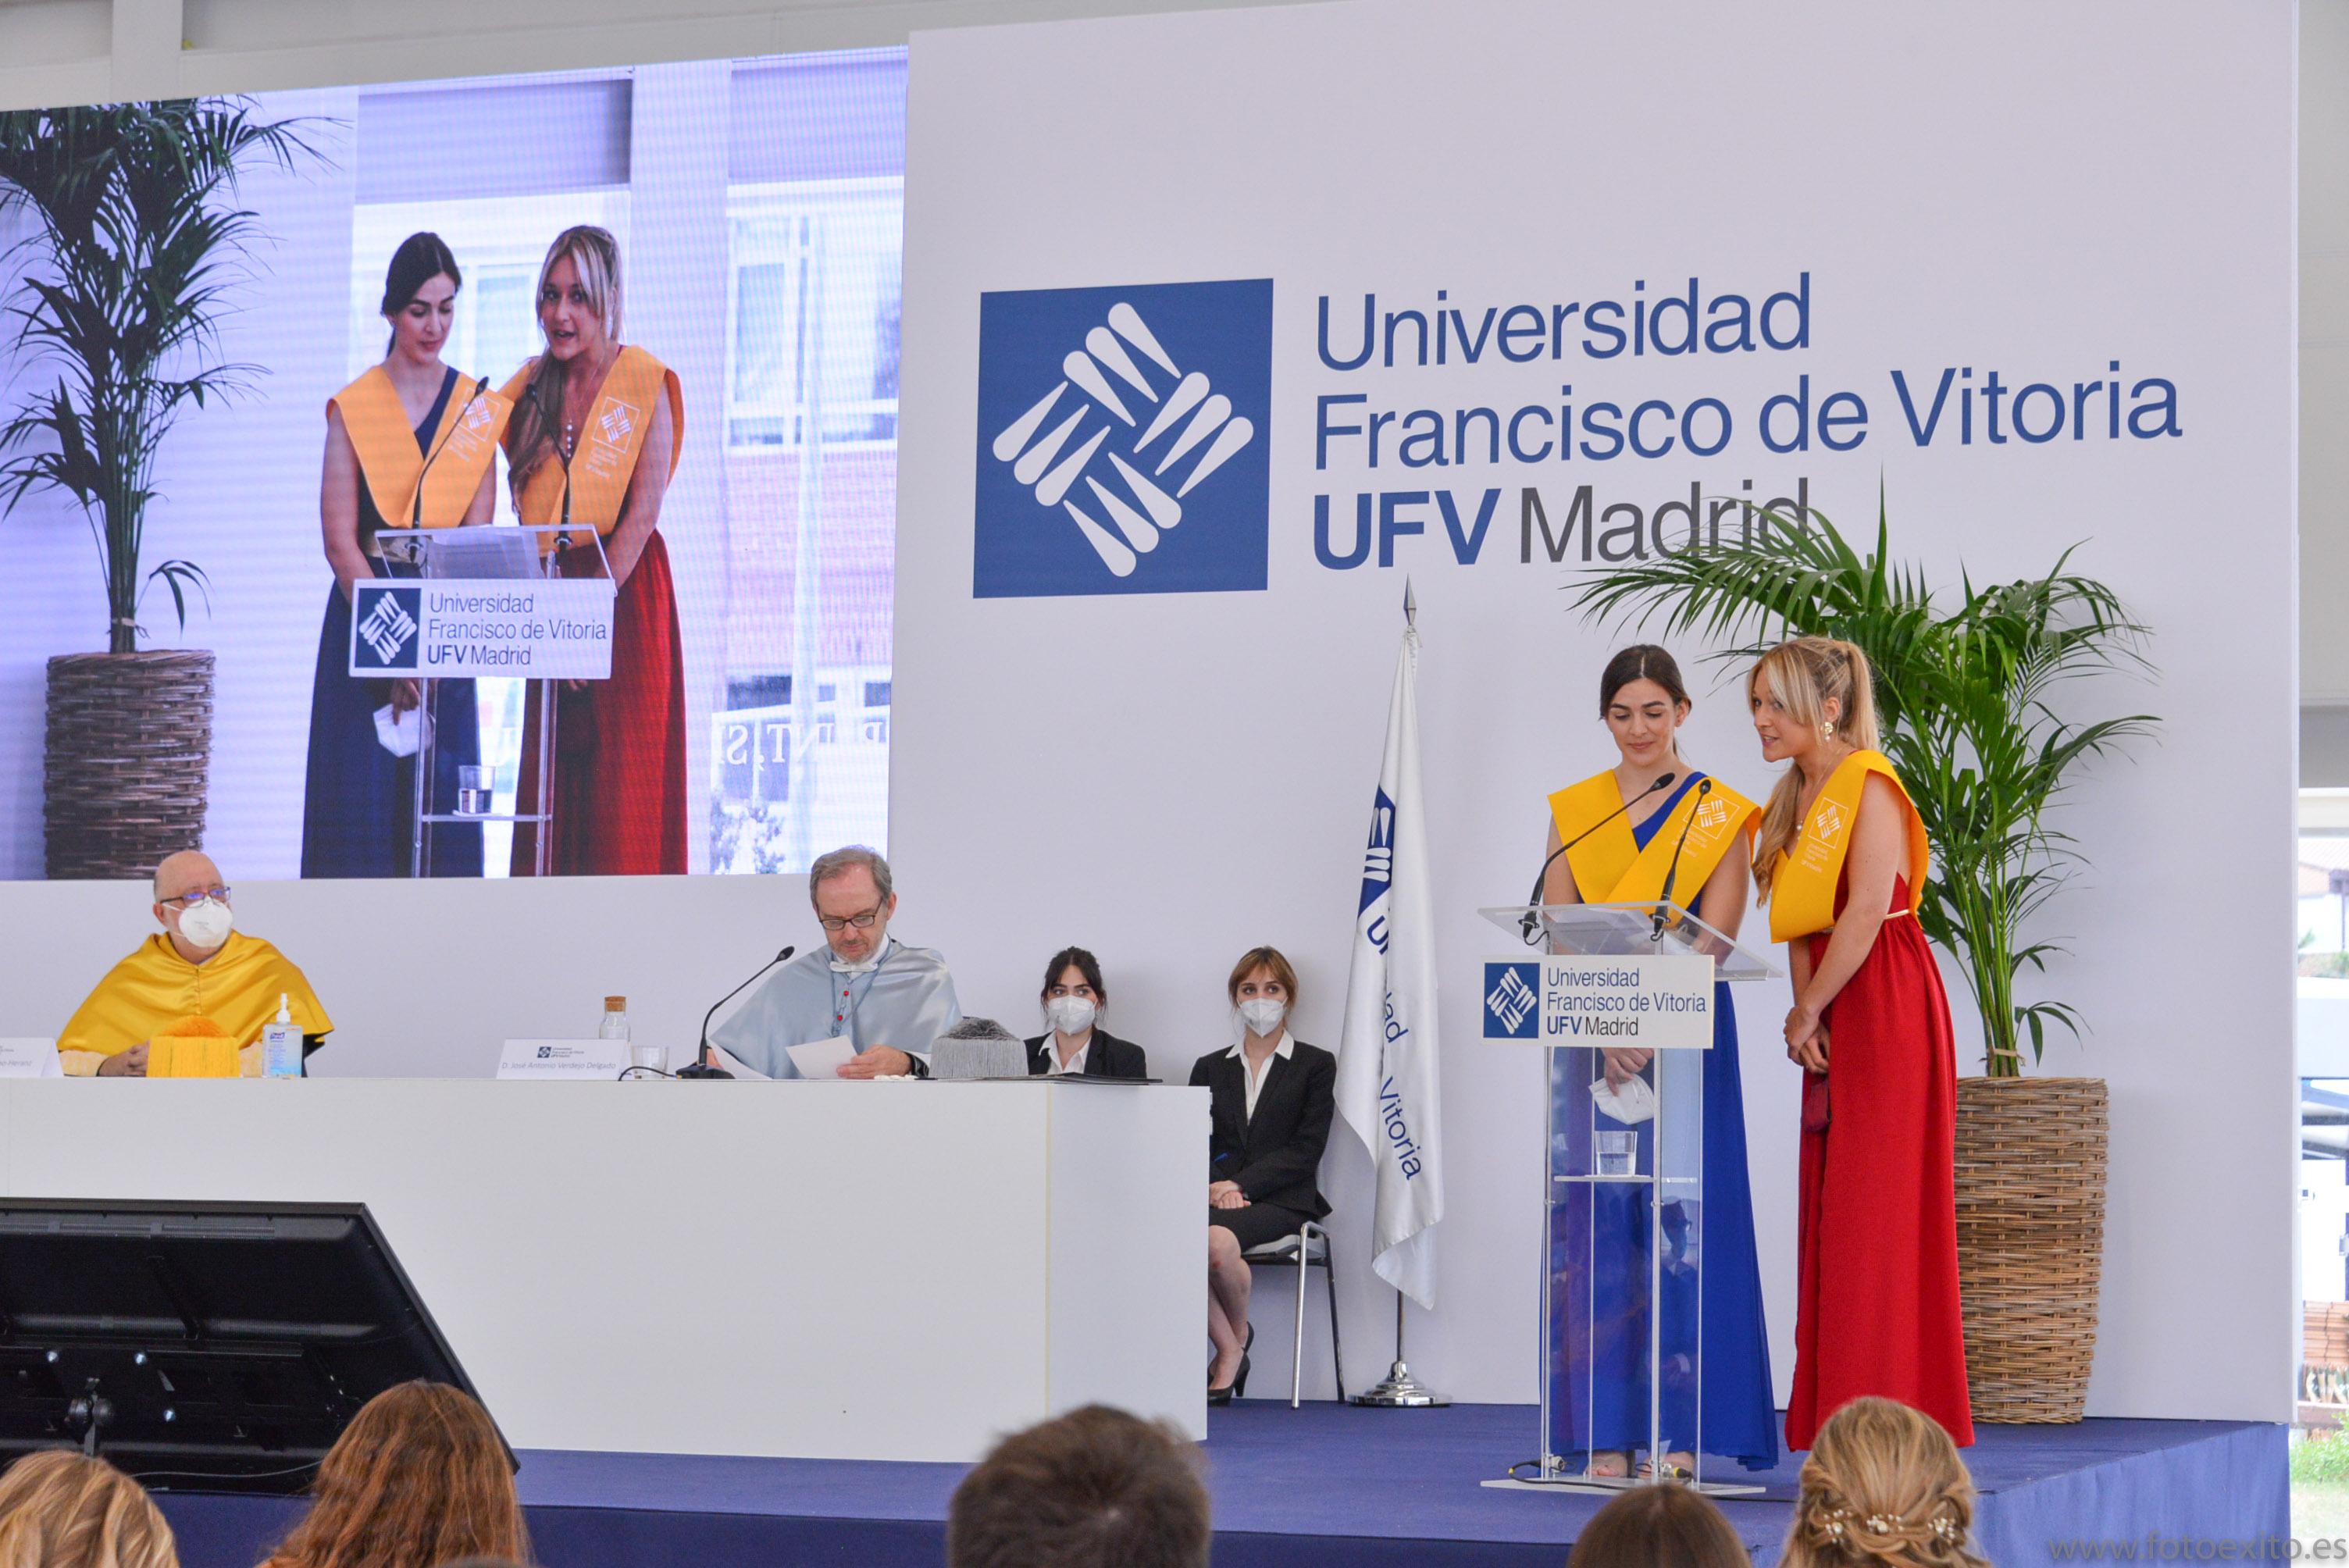 210605UFVAM 1307 Actos académicos Estudiar en Universidad Privada Madrid